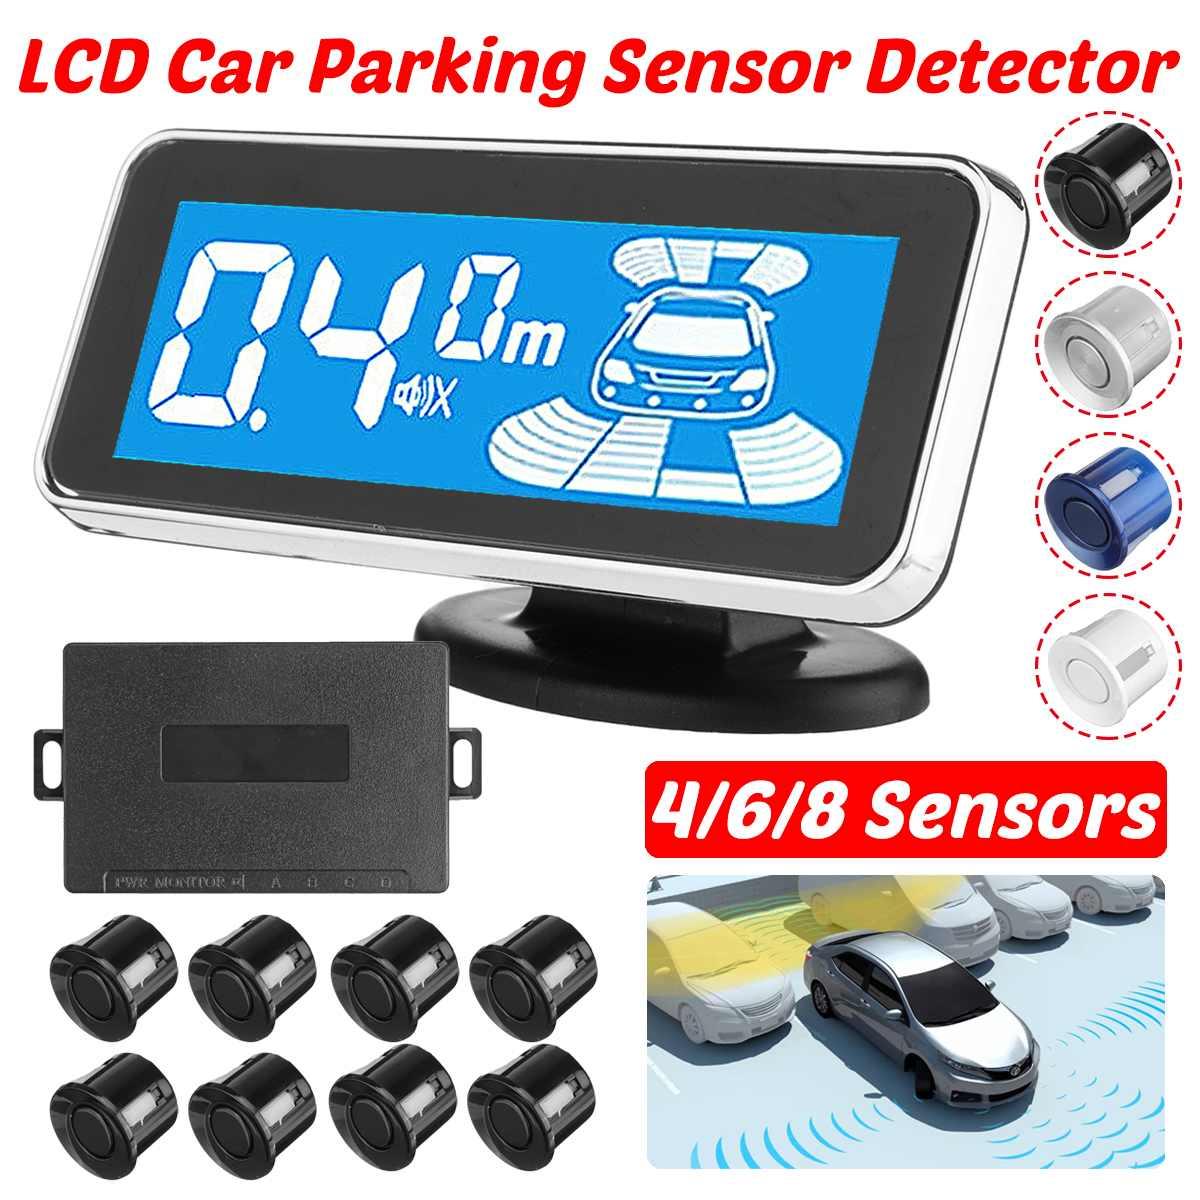 СВЕТОДИОДНЫЙ монитор электромагнитных парковочных Сенсор 8 Автомобильный парктроник передней камеры парковки Сенсор движения парковки По...